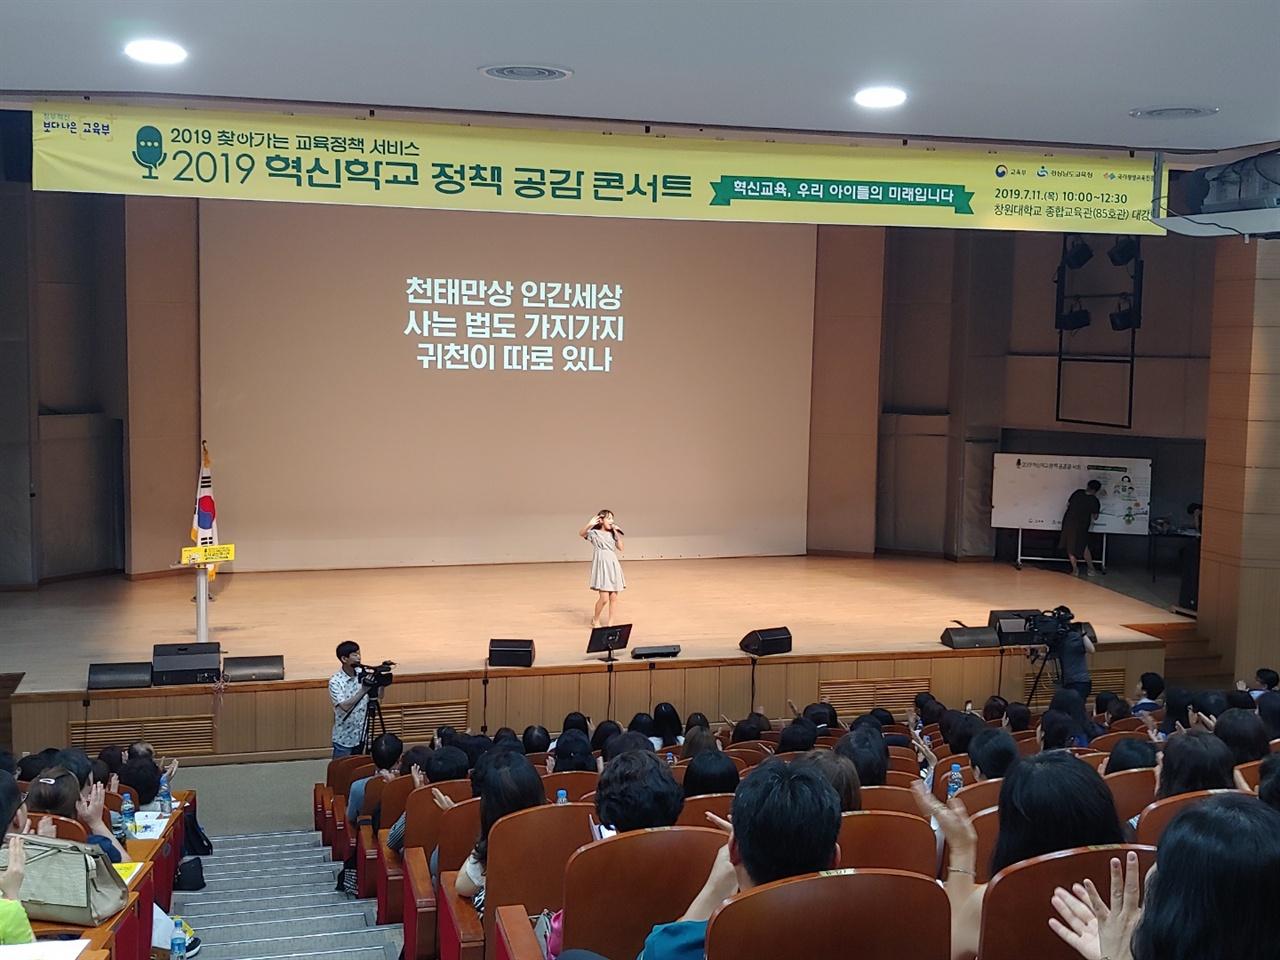 김해삼방고등학교 김은빈학생 모태 트로트 김은빈, 공연